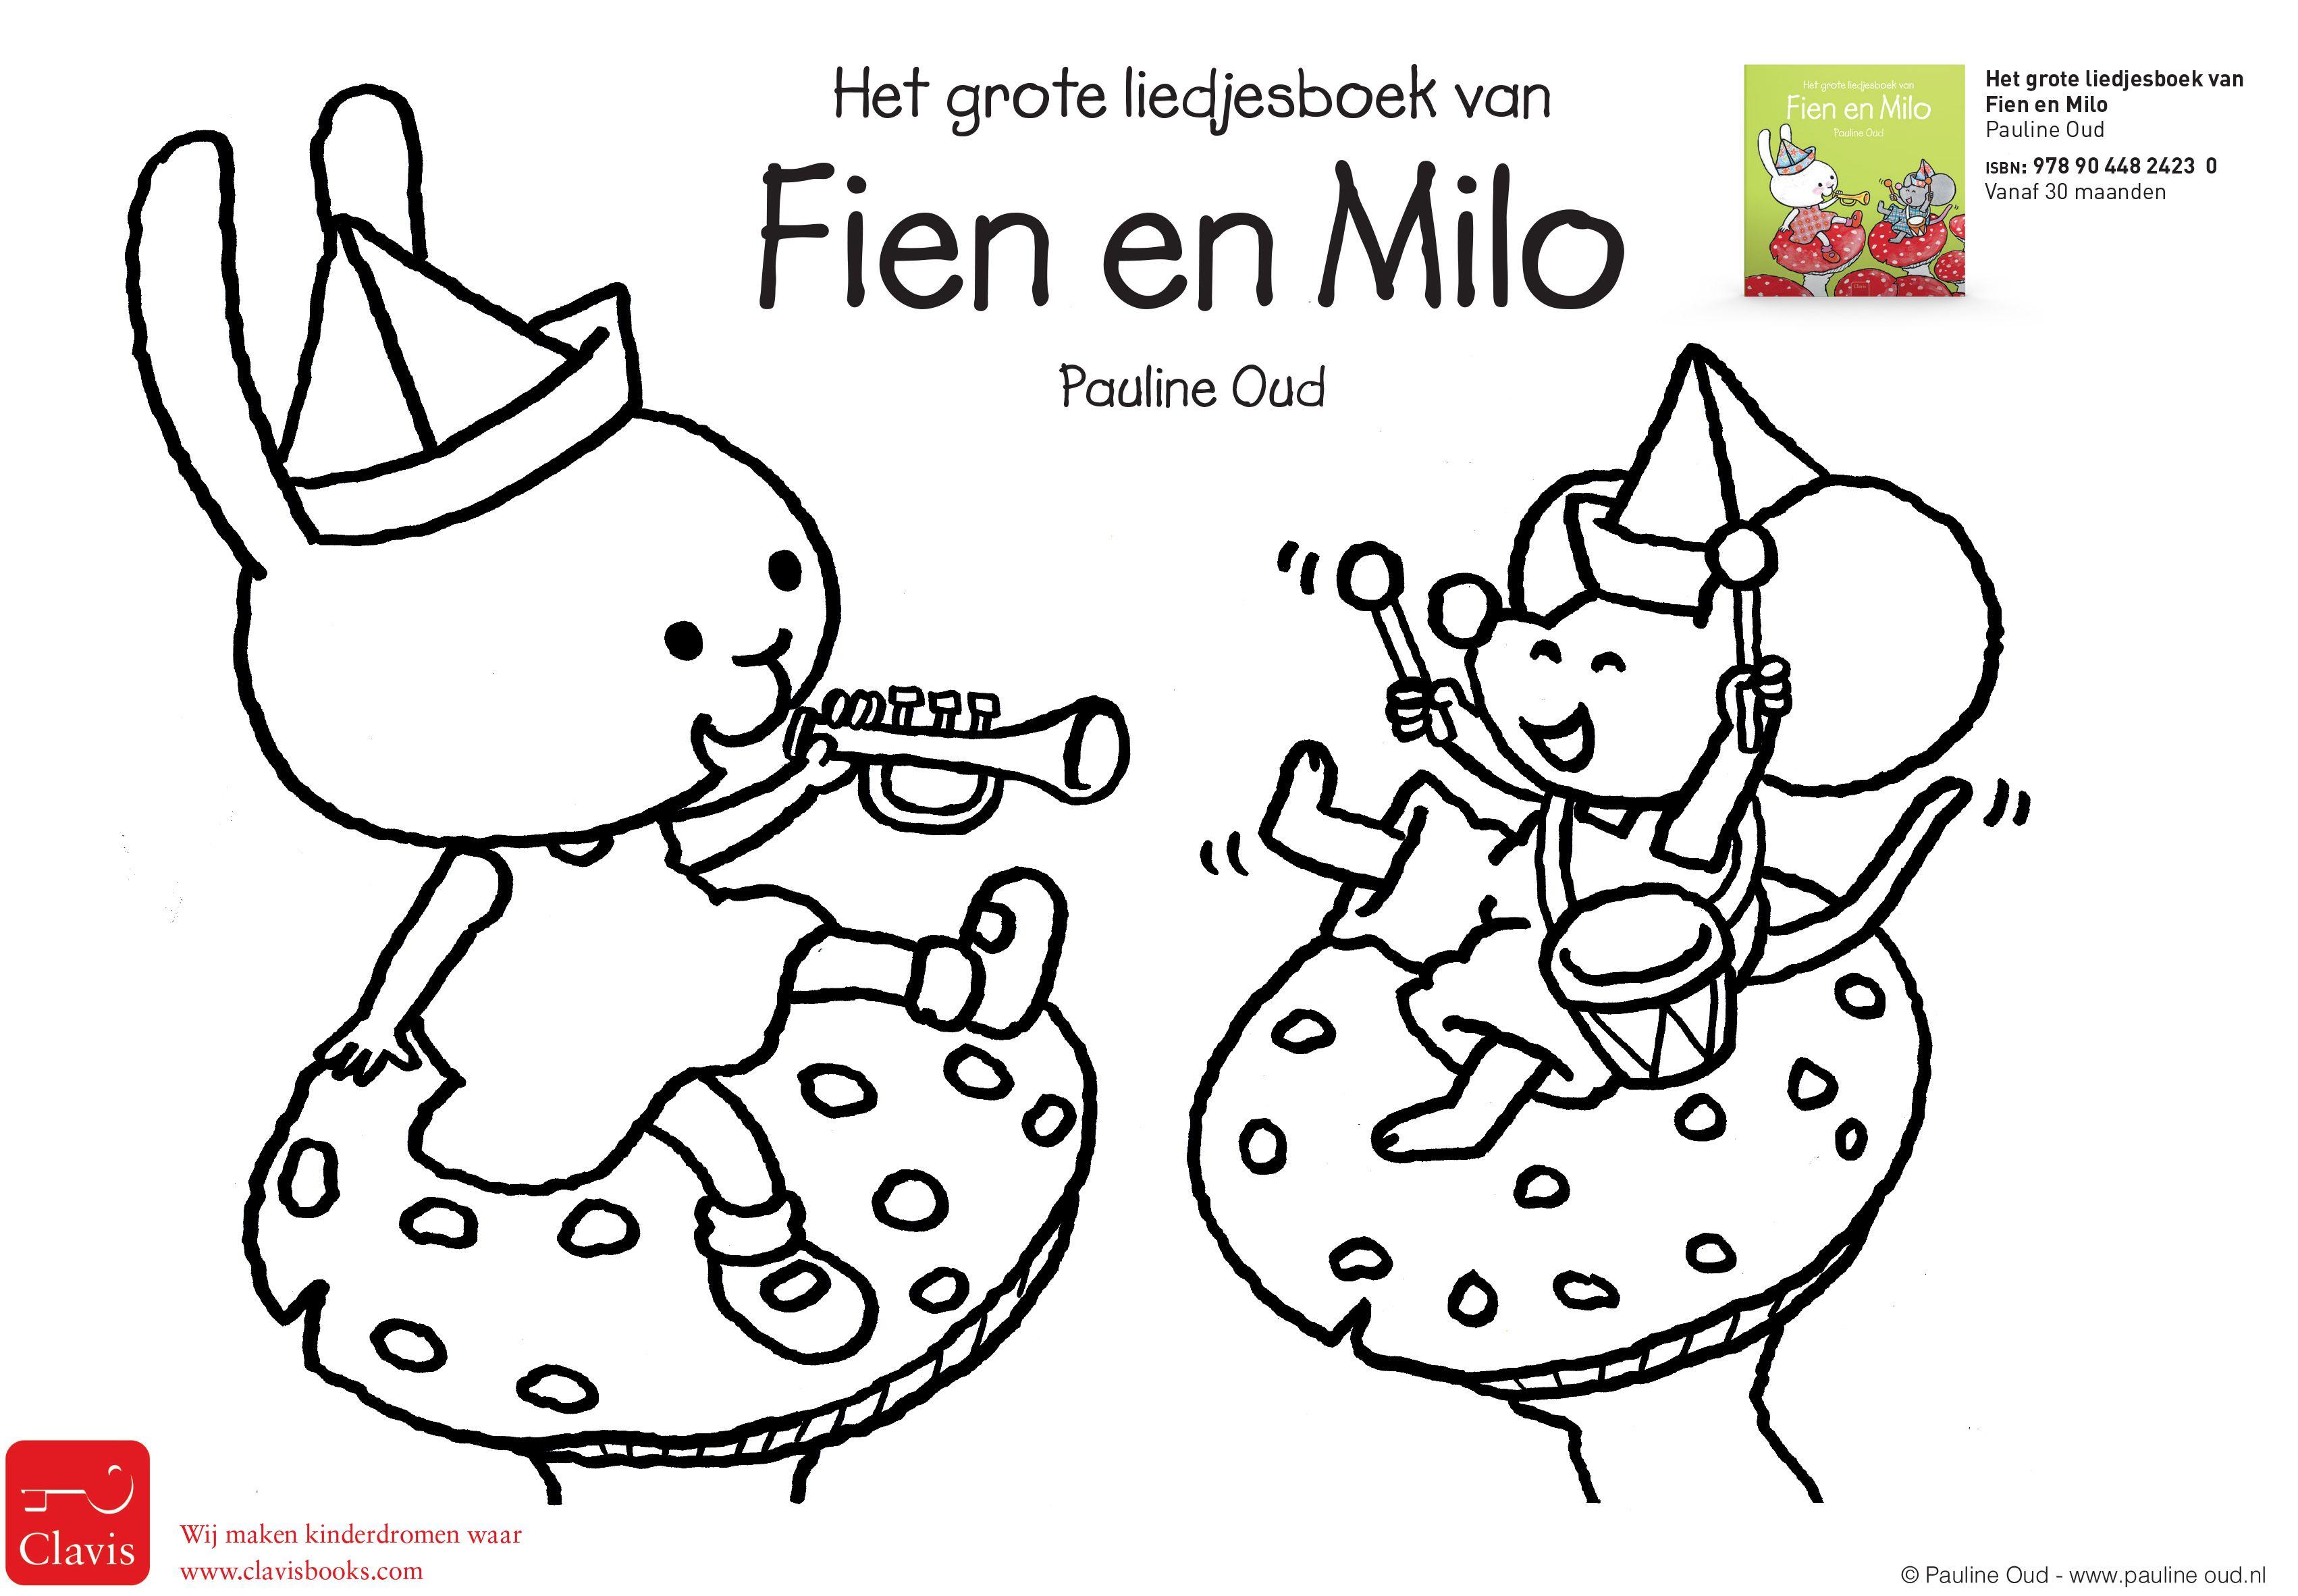 fien en milo zijn dol op zingen eendjes die zwemmen